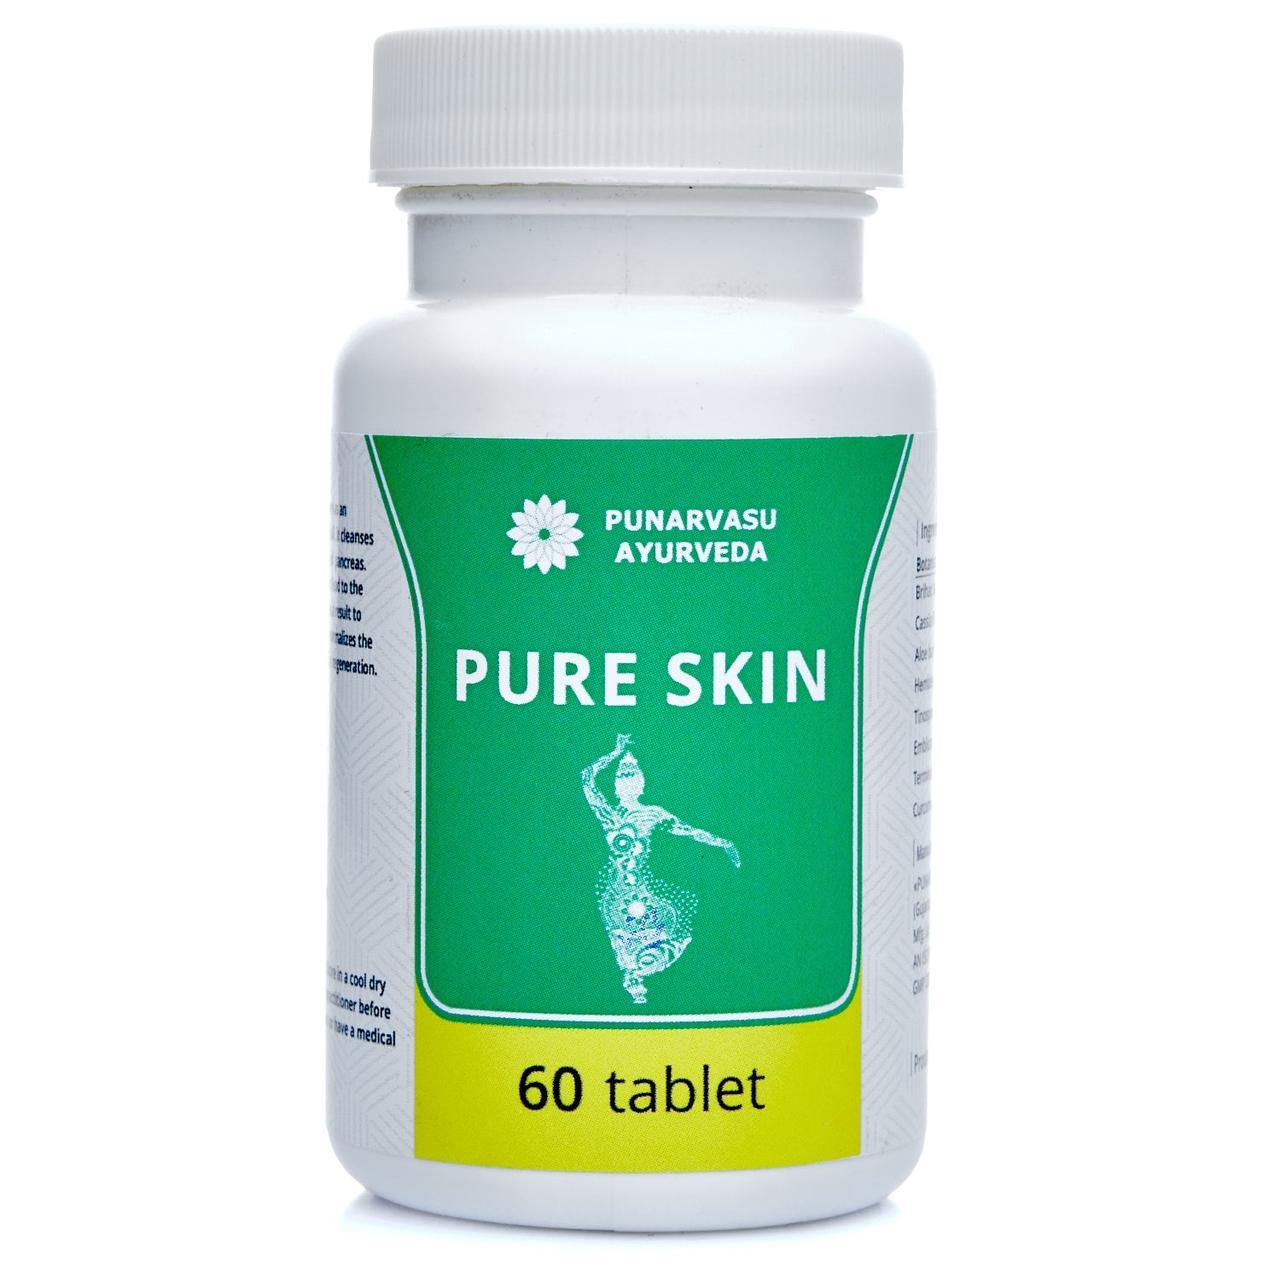 Чистая кожа / Pure skin - для чистой и здоровой кожи - Пунарвасу - 60 таб